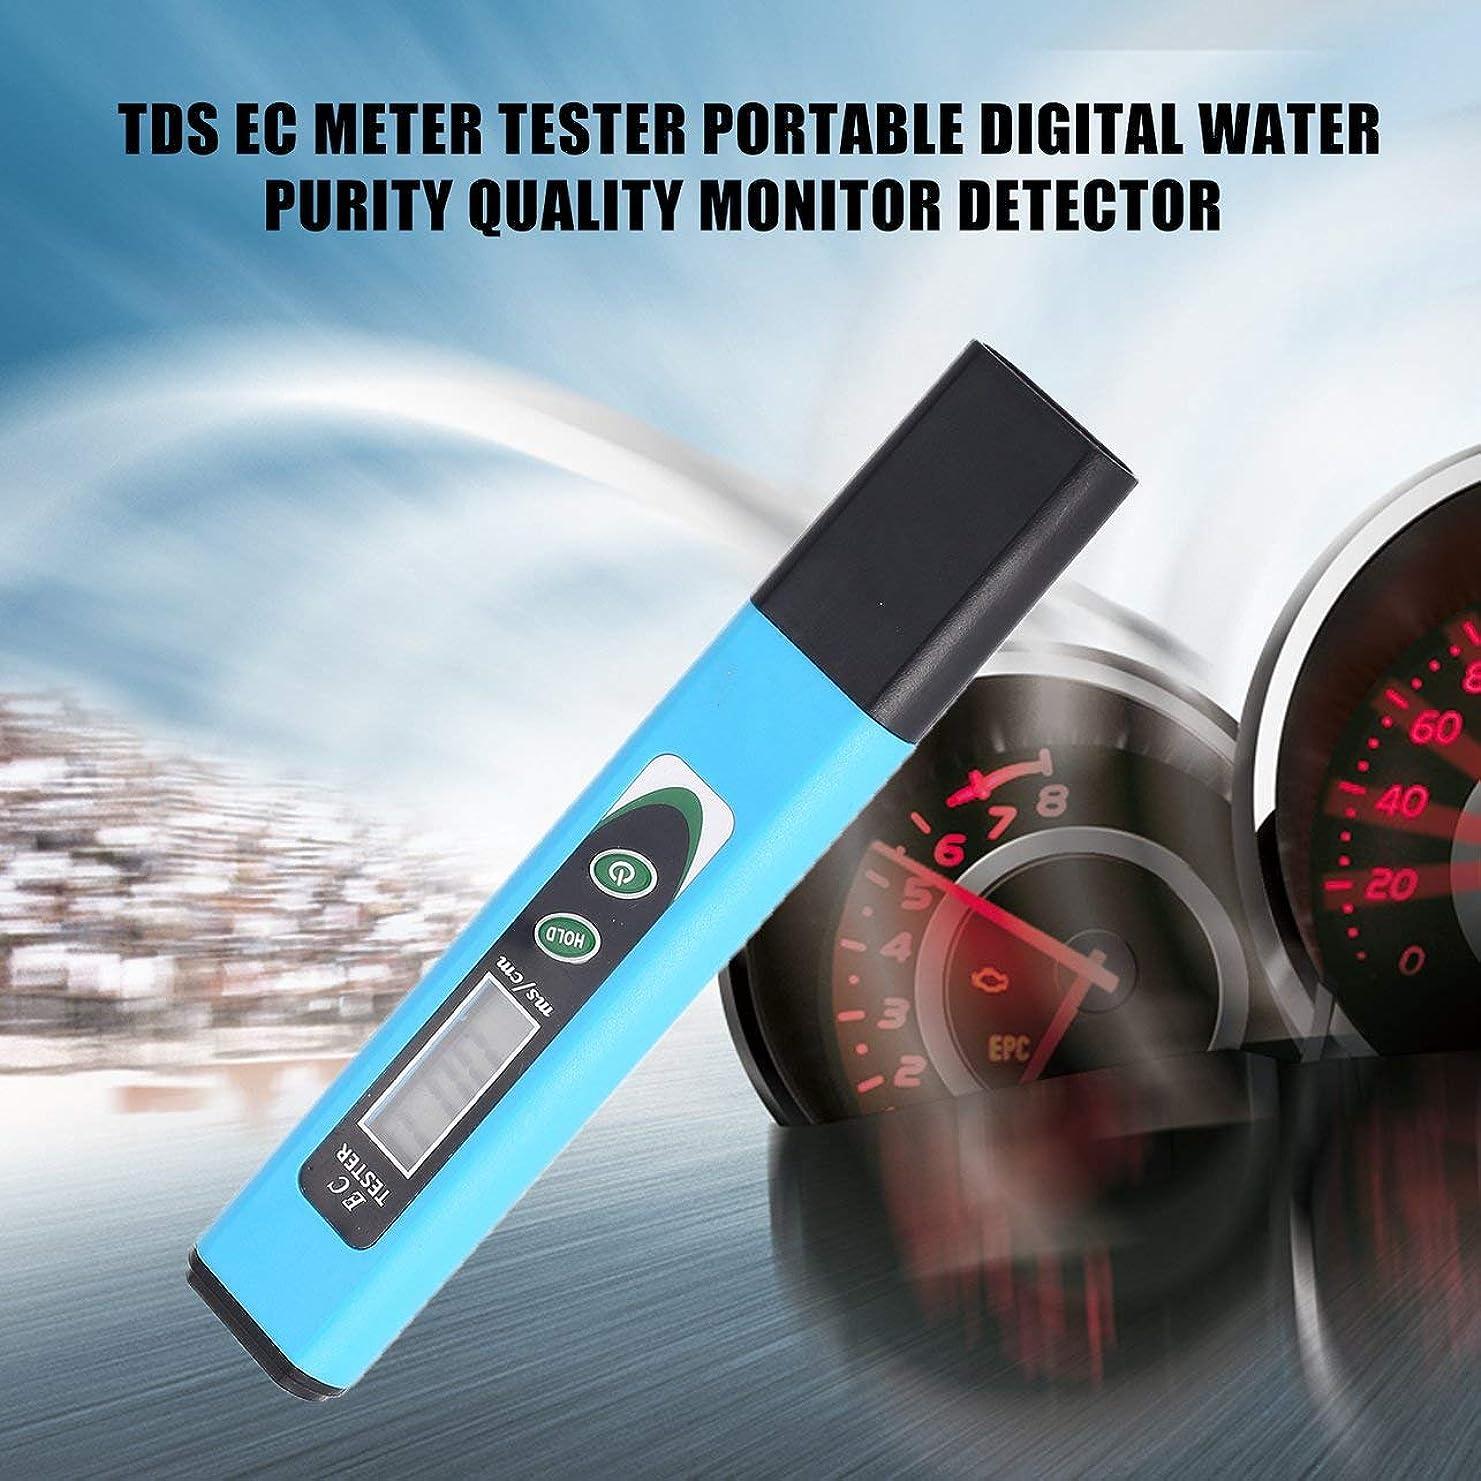 あそこ立方体ごみWOSOSYEYO TDS ECメーターテスター ポータブルデジタル水純度品質モニター検出器 (カラー:イエロー) (サイズ:240mAh)